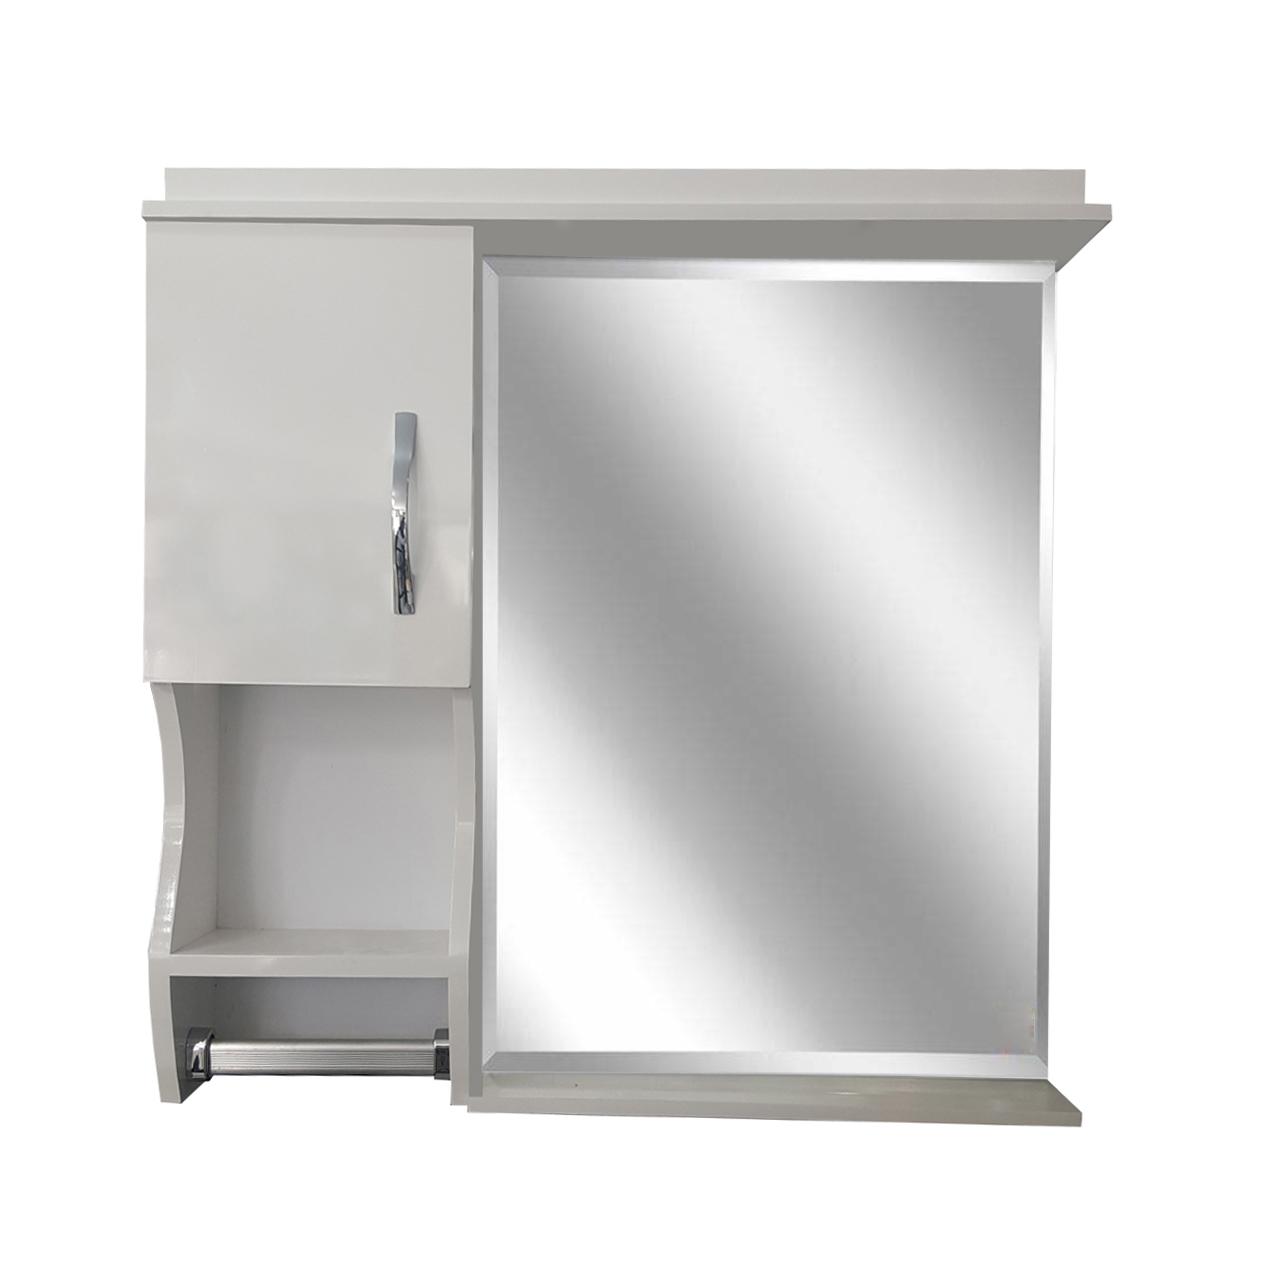 ست آینه و باکس مدل s115